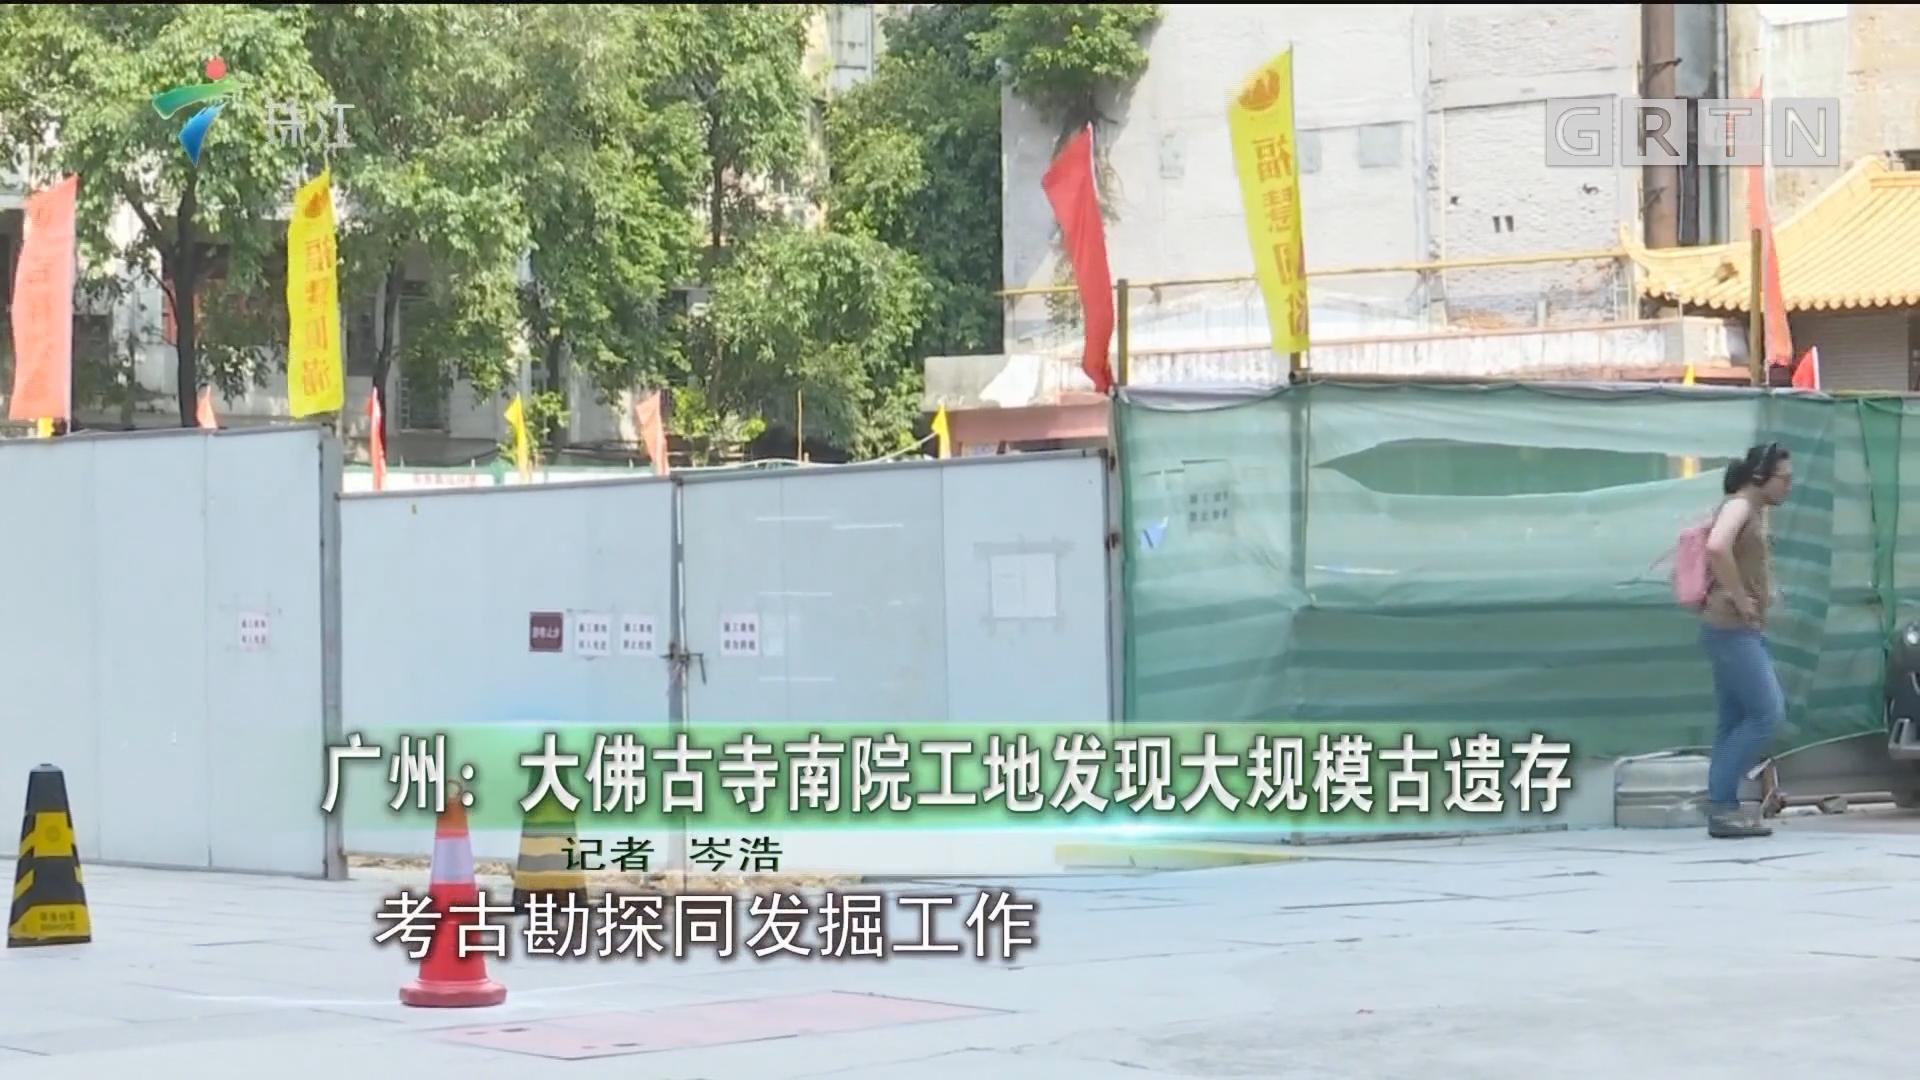 广州:大佛古寺南院工地发现大规模古遗存